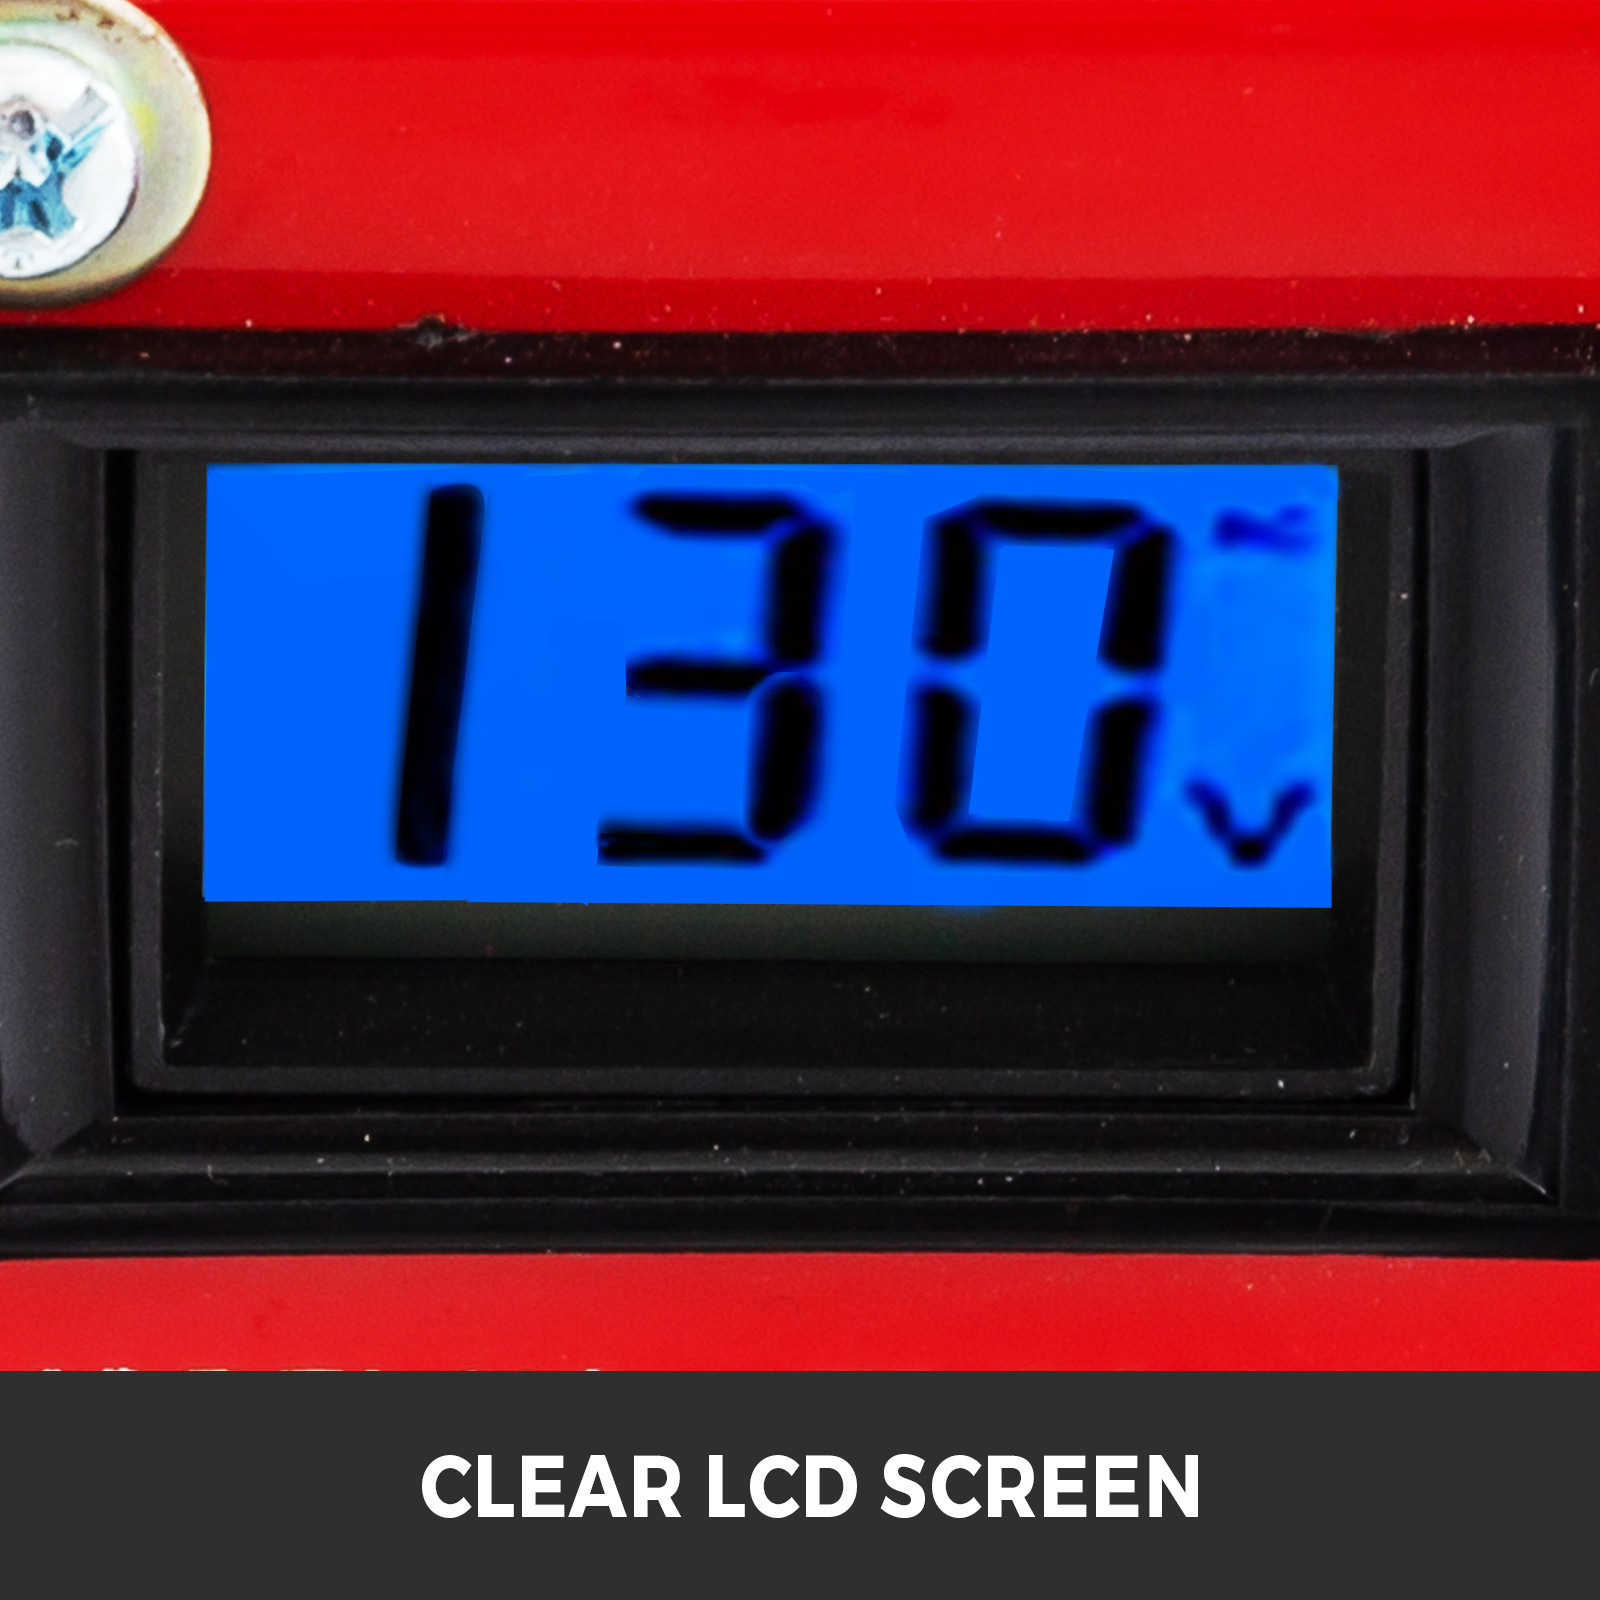 Variac-Variable-Transforme-0-5-1-2-3KVA-LCD-Single-Phase-Digital-Display-0-130V thumbnail 16